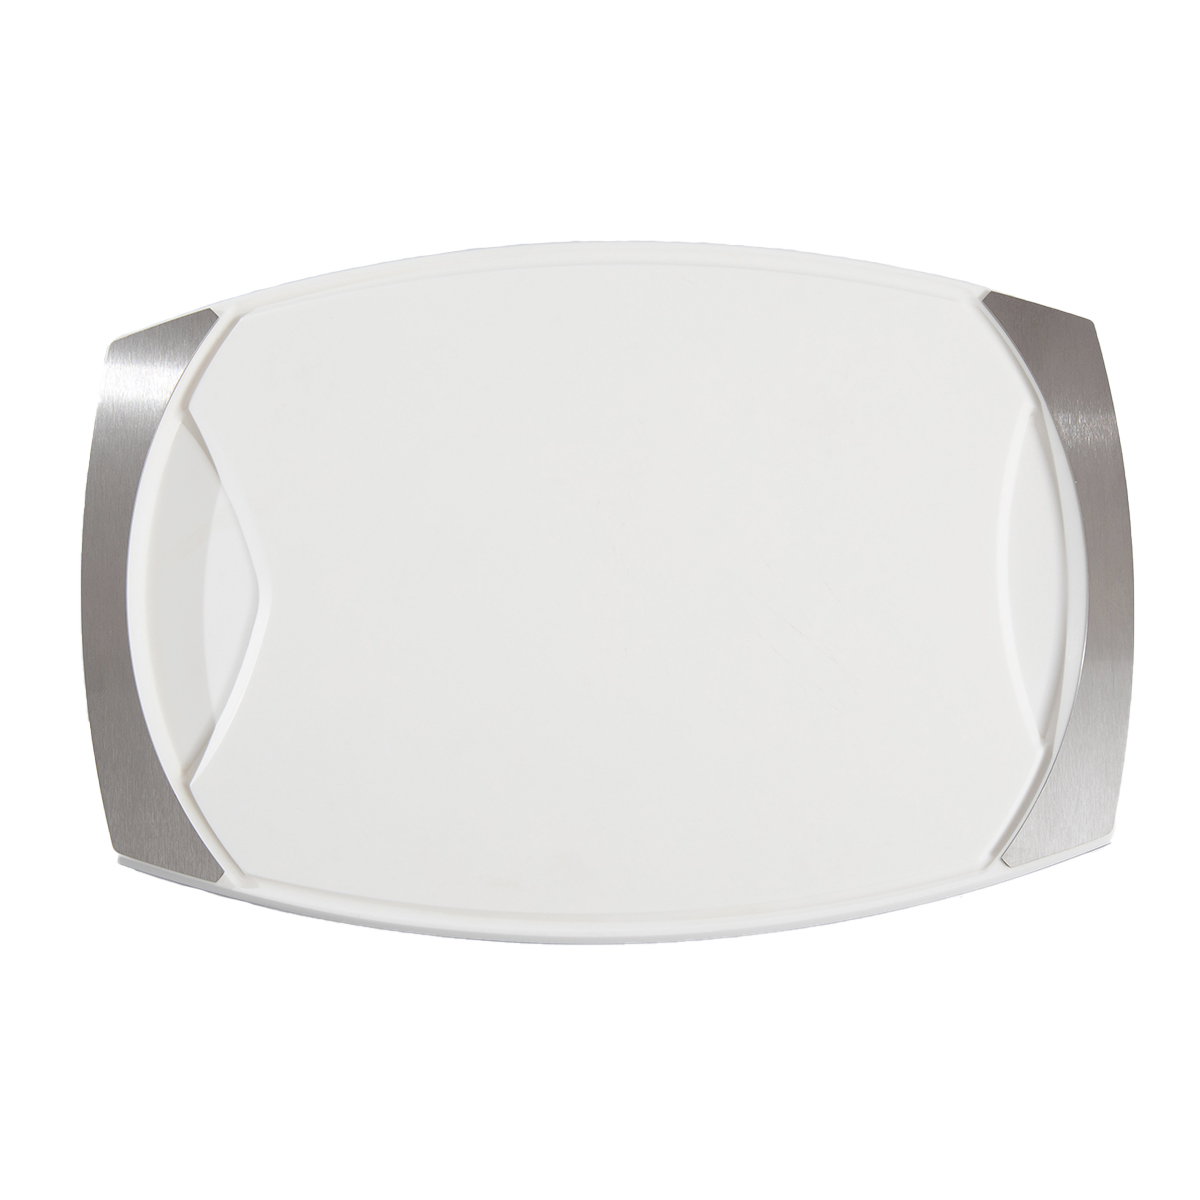 Tábua de Churrasco Oslo White Medium